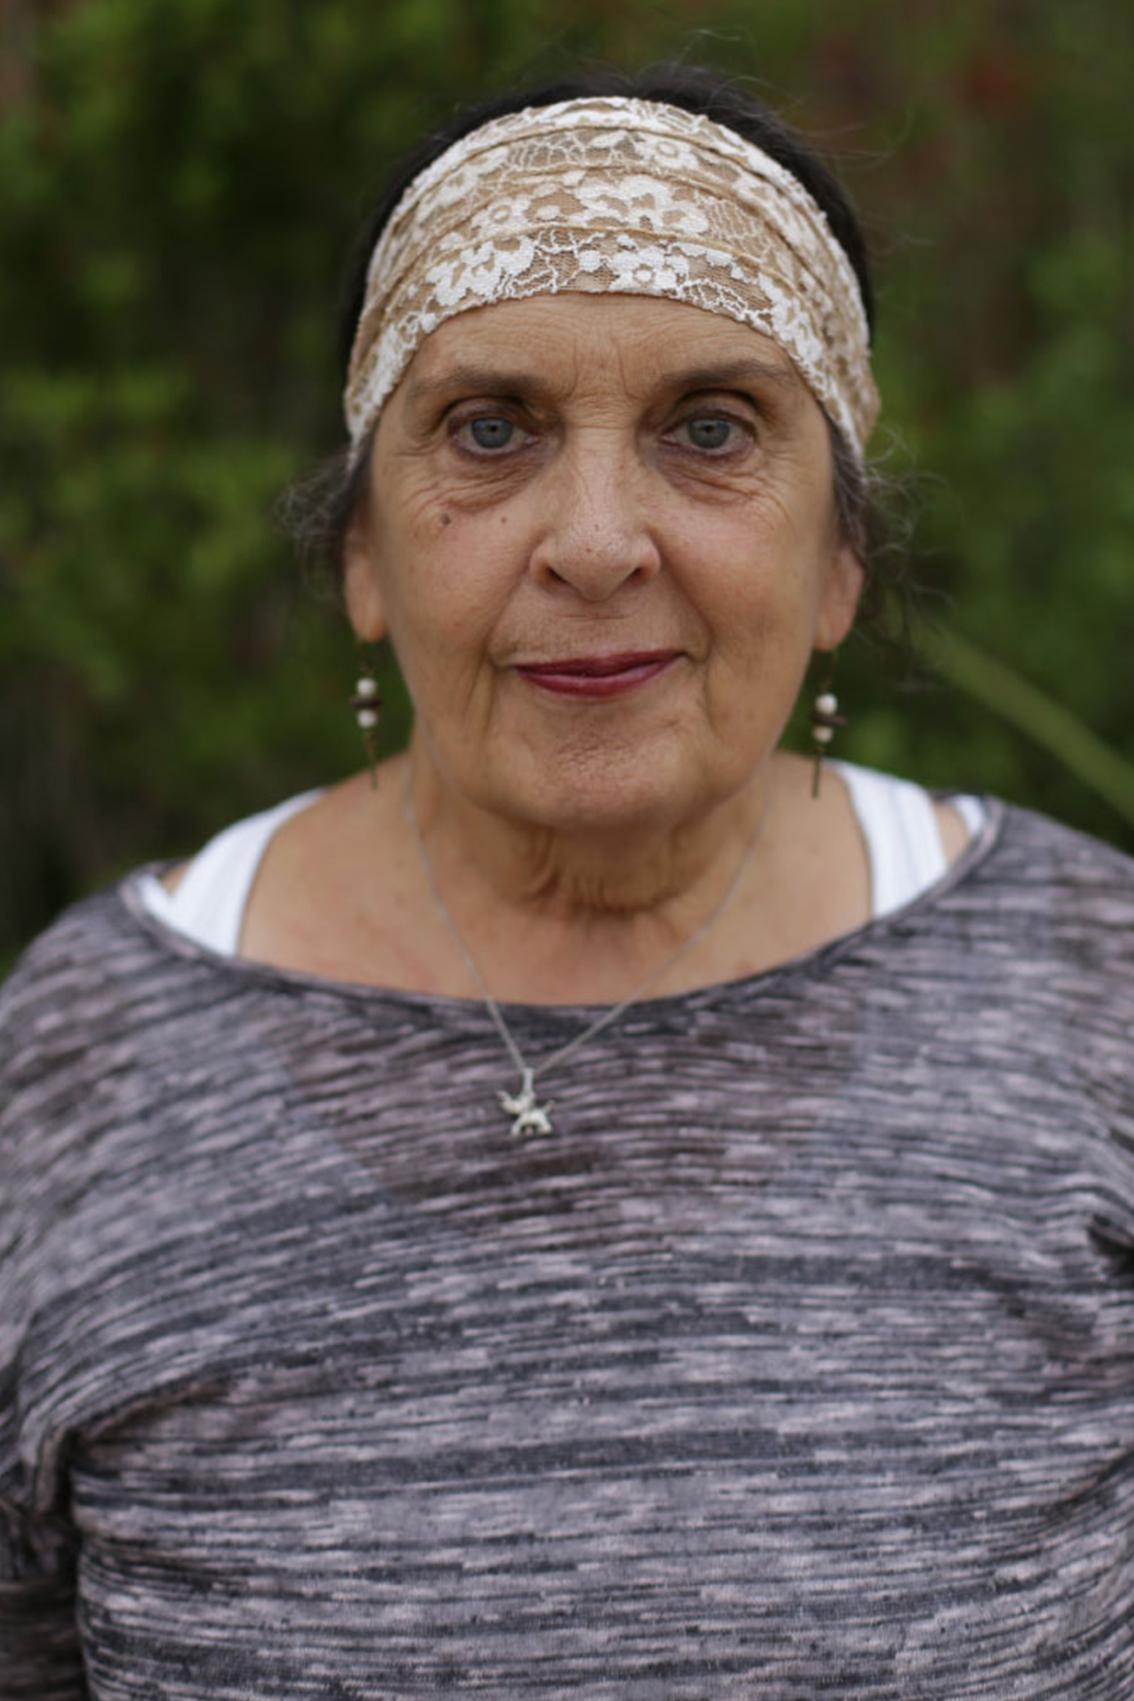 Oneira Pretorius